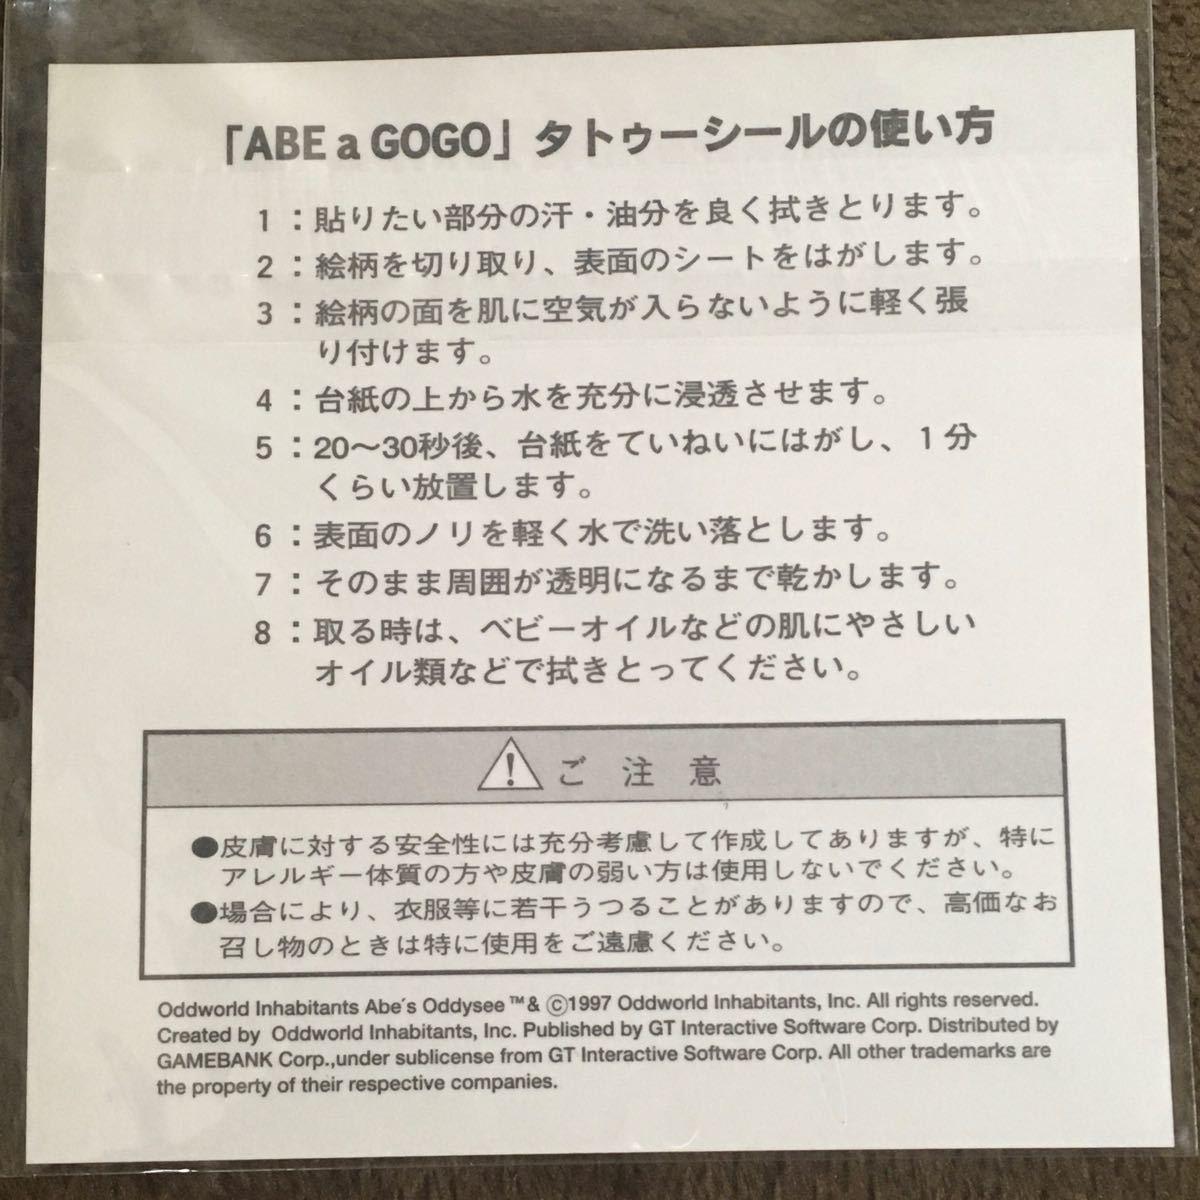 非売品 ABE a GOGO エイブアゴーゴー タトゥーシール